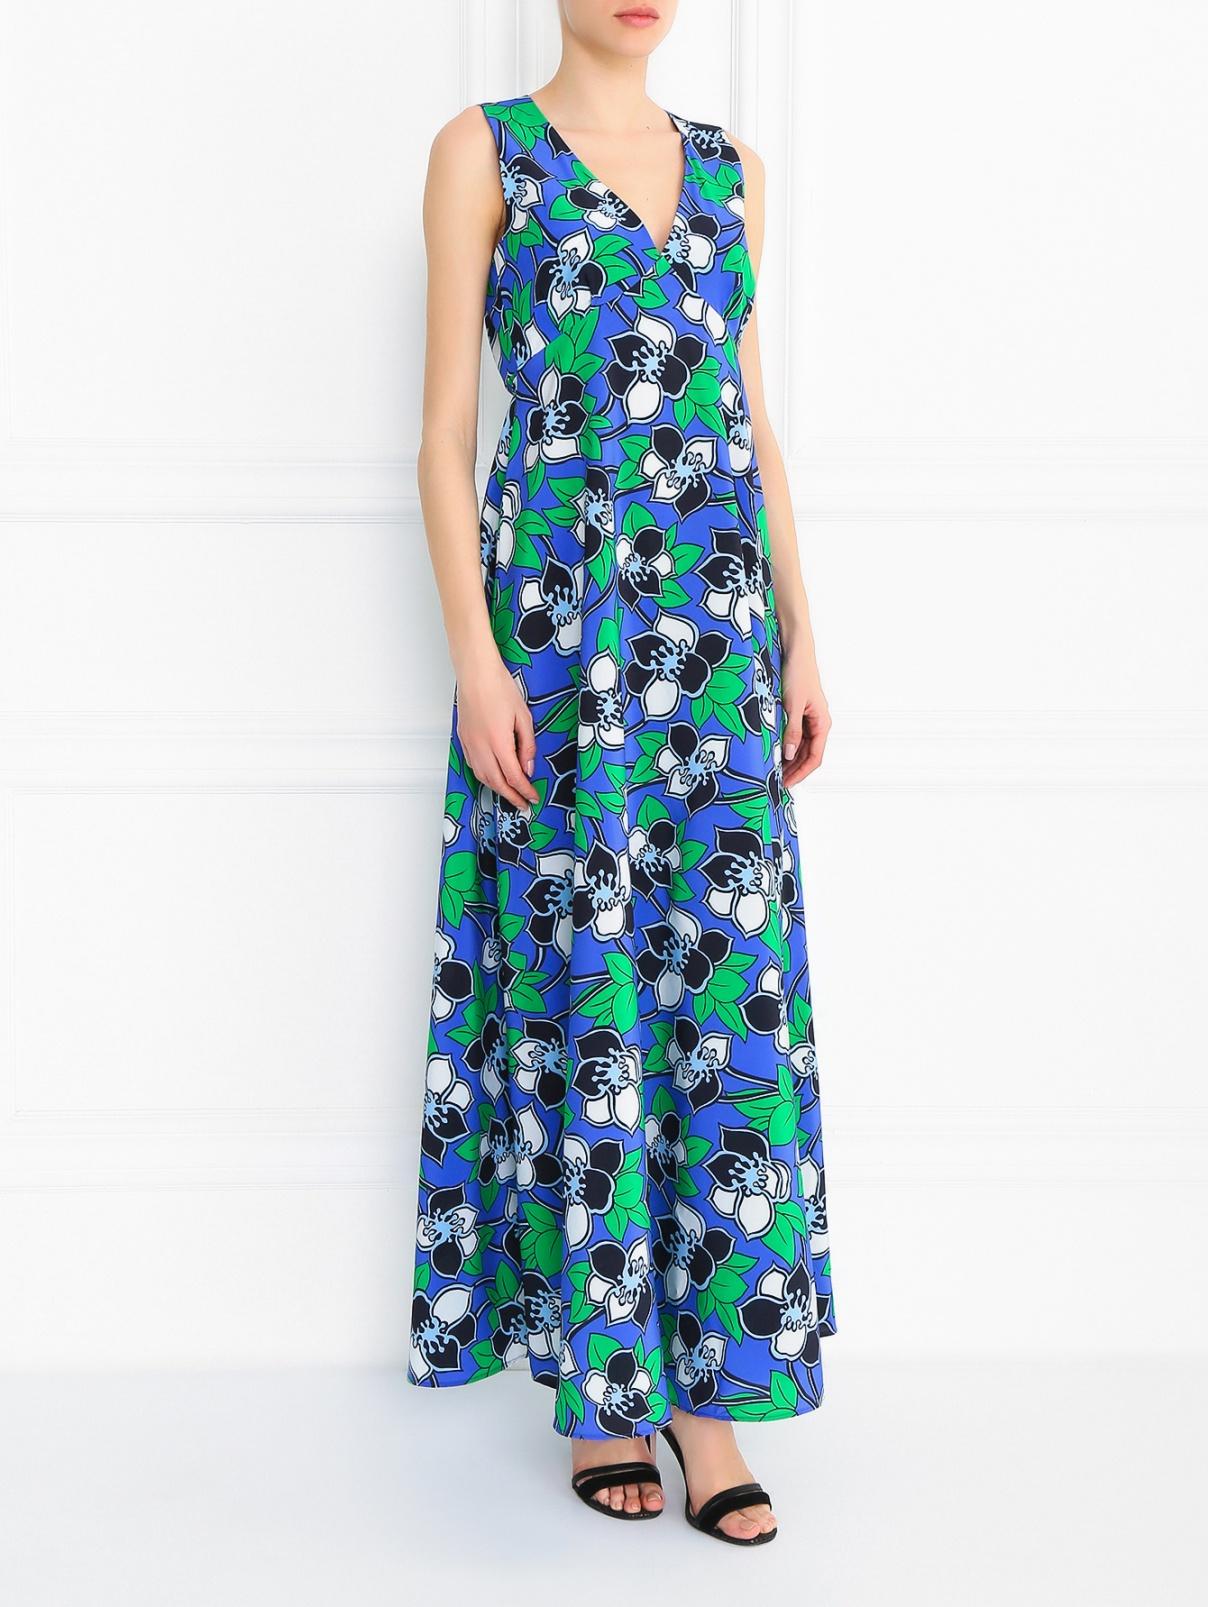 Платье-макси из шелка с узором P.A.R.O.S.H.  –  Модель Общий вид